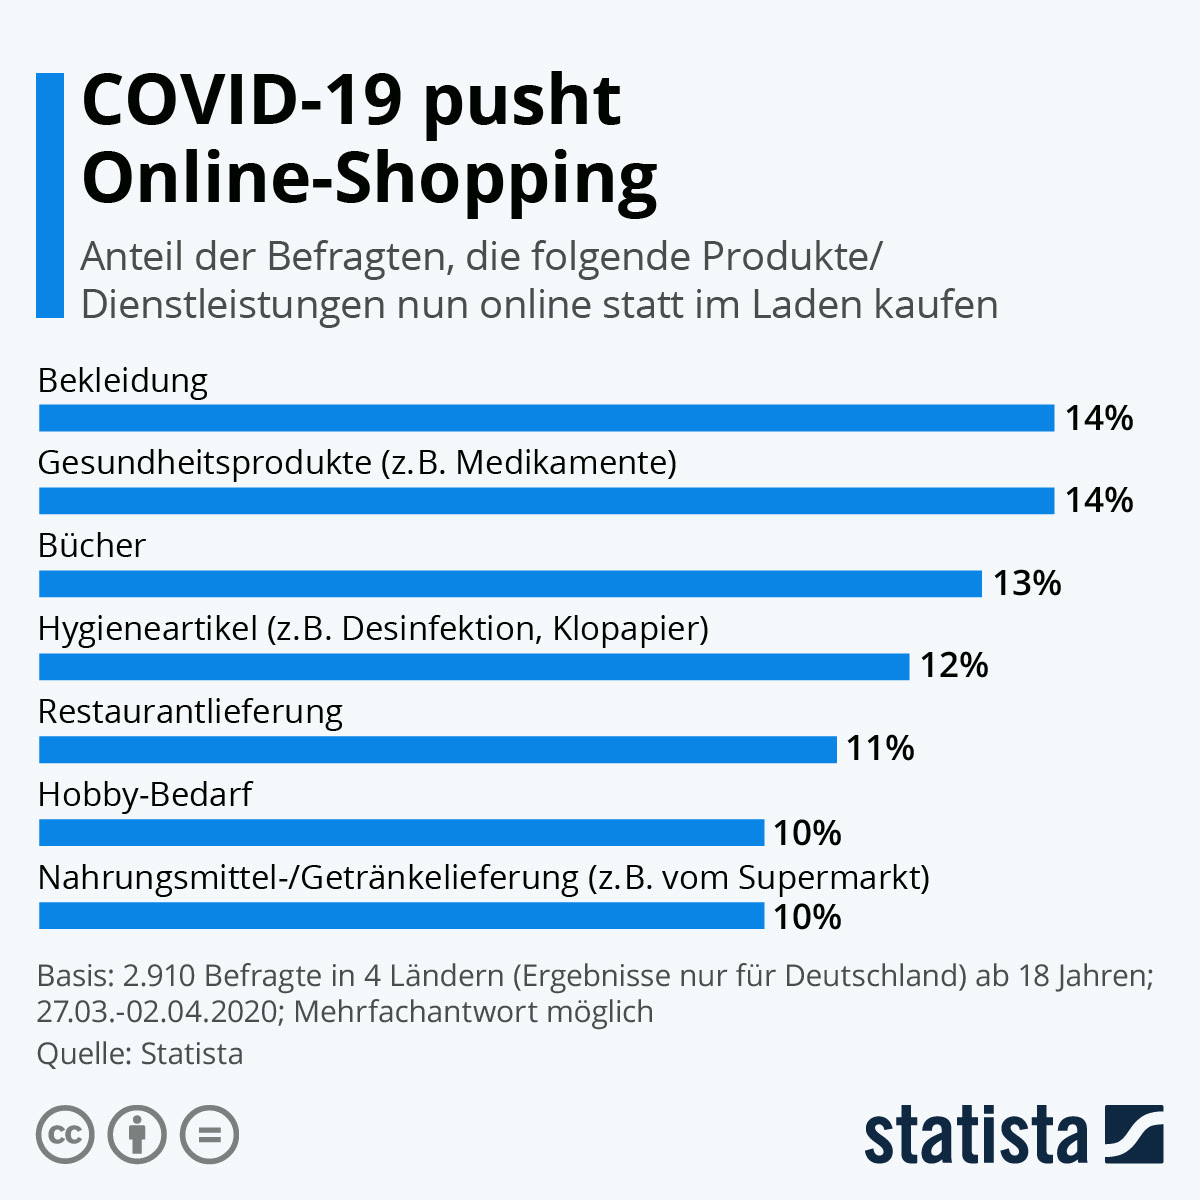 infografik: covid-19 pusht online-shopping | statista